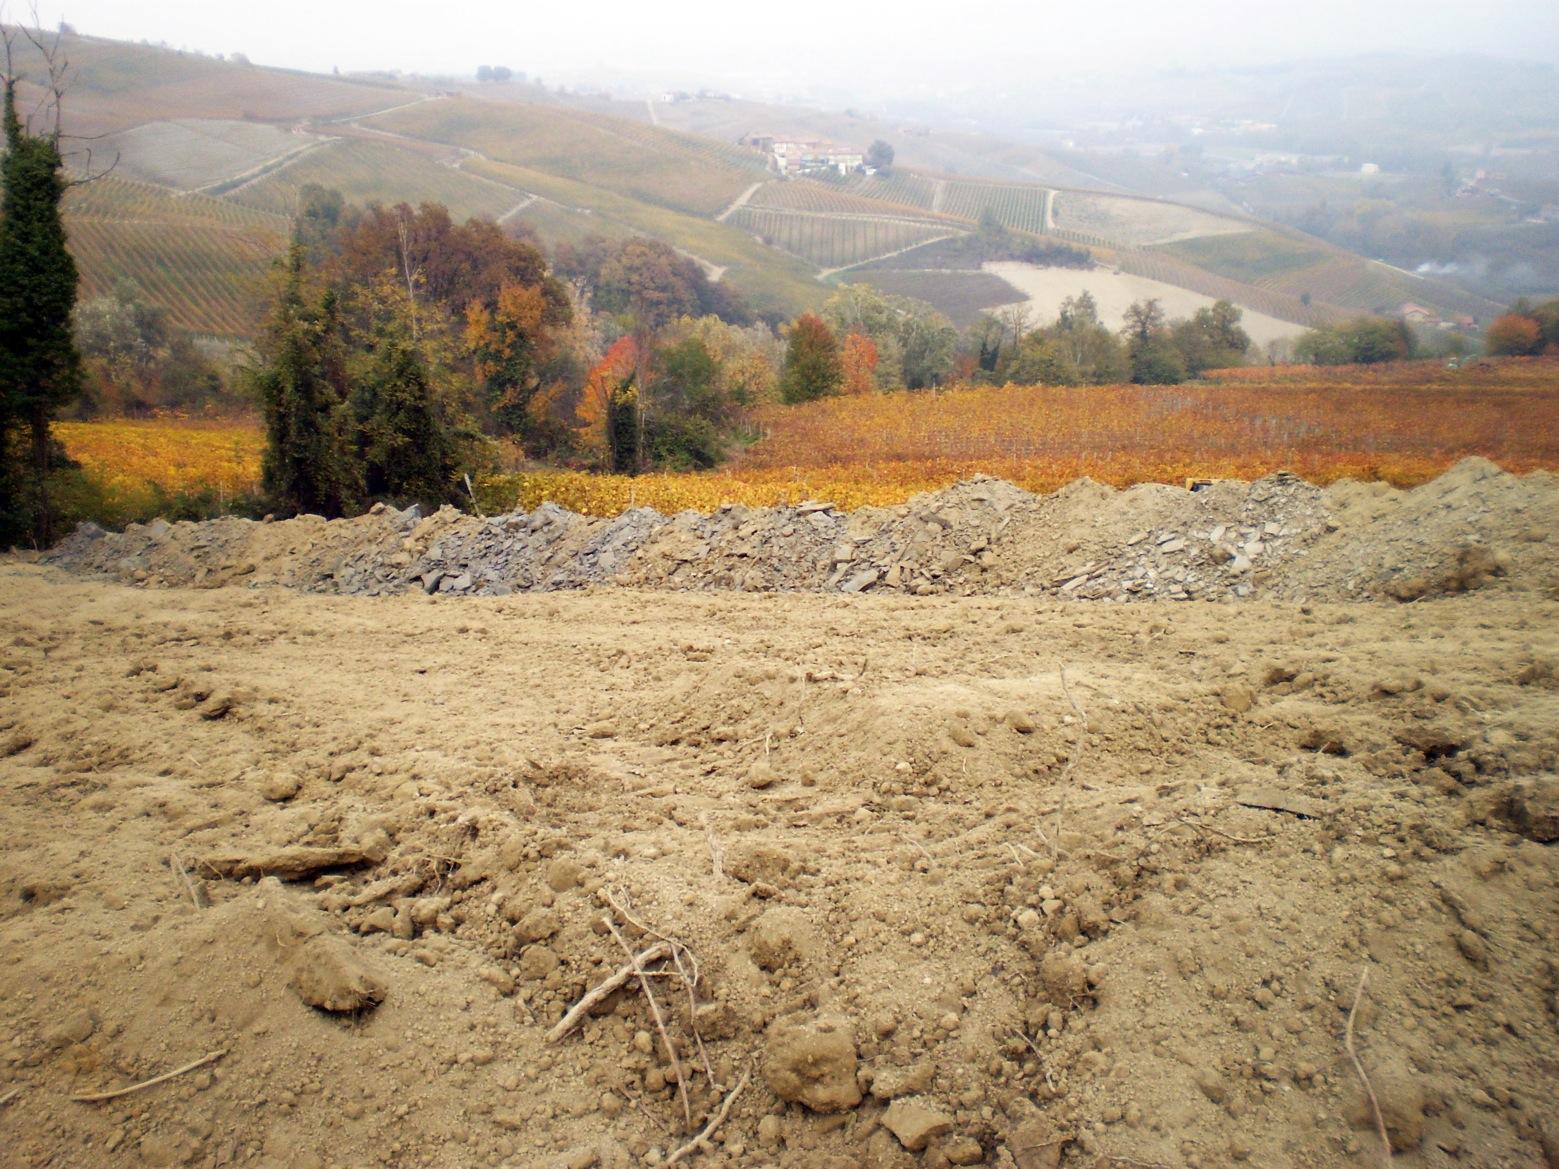 Lo scasso totale della vecchia vigna in località San Pietro di Barolo, un Menzione Geografica Aggiuntiva per la coltivazione di Nebbiolo da Barolo